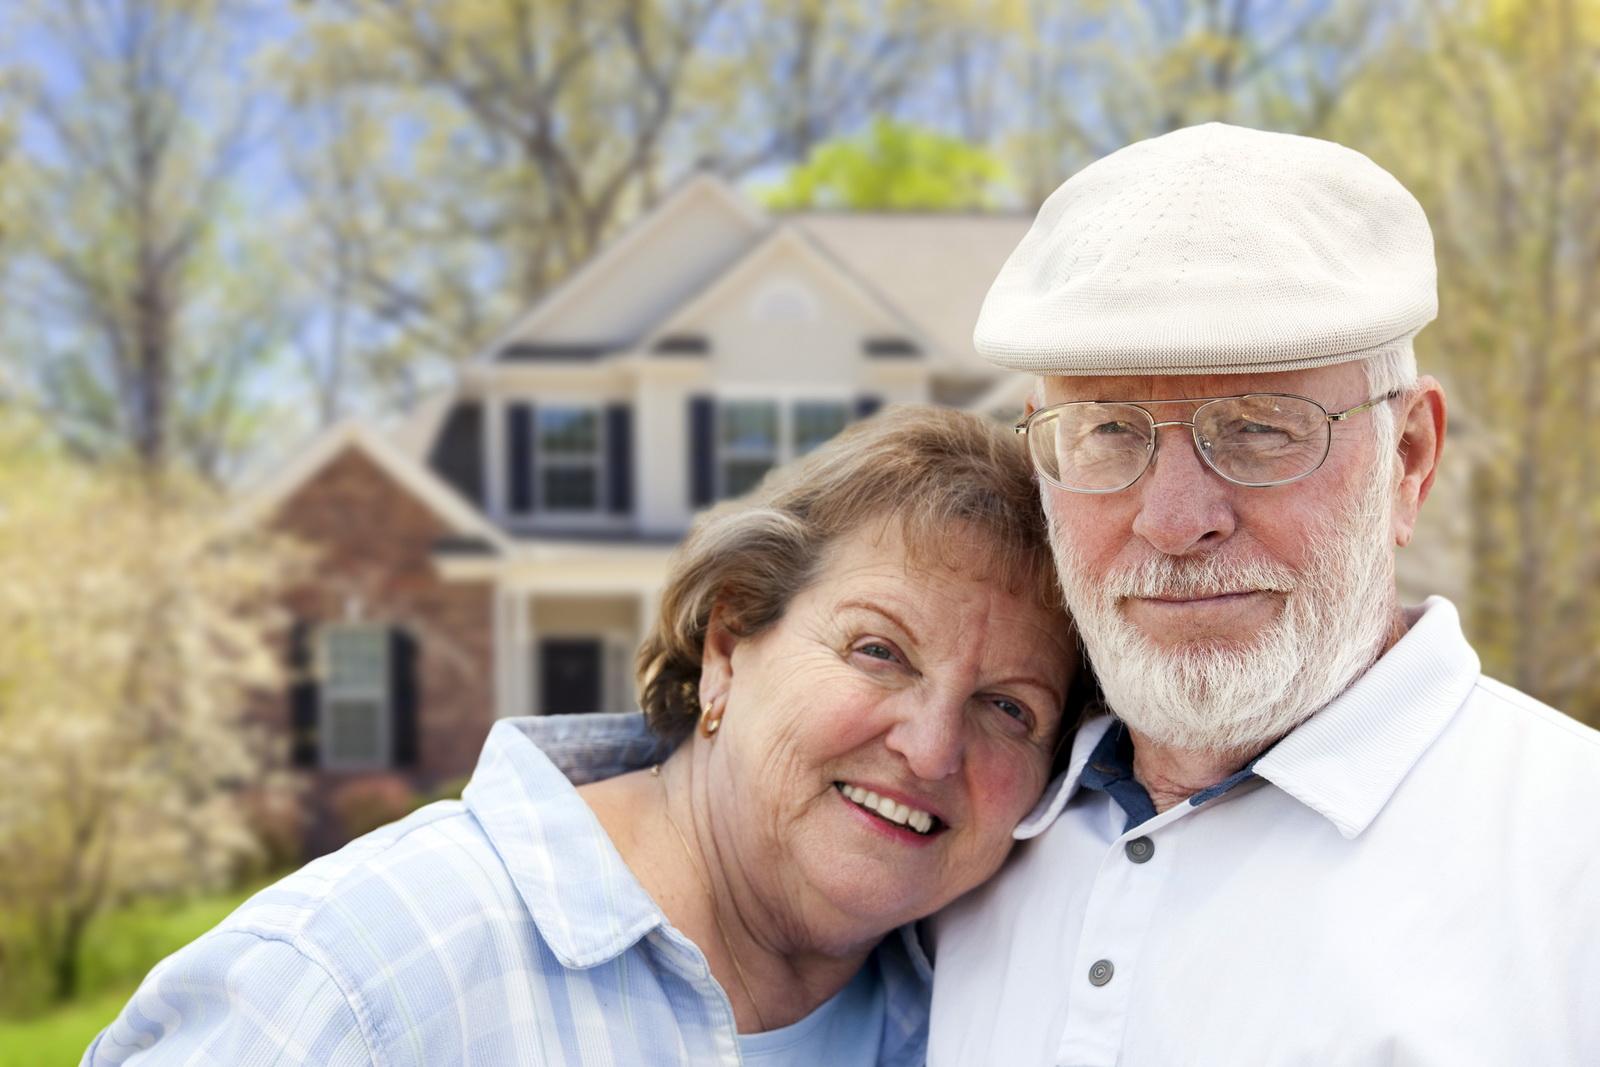 Ошибка в $500,000 или как жить на пенсии